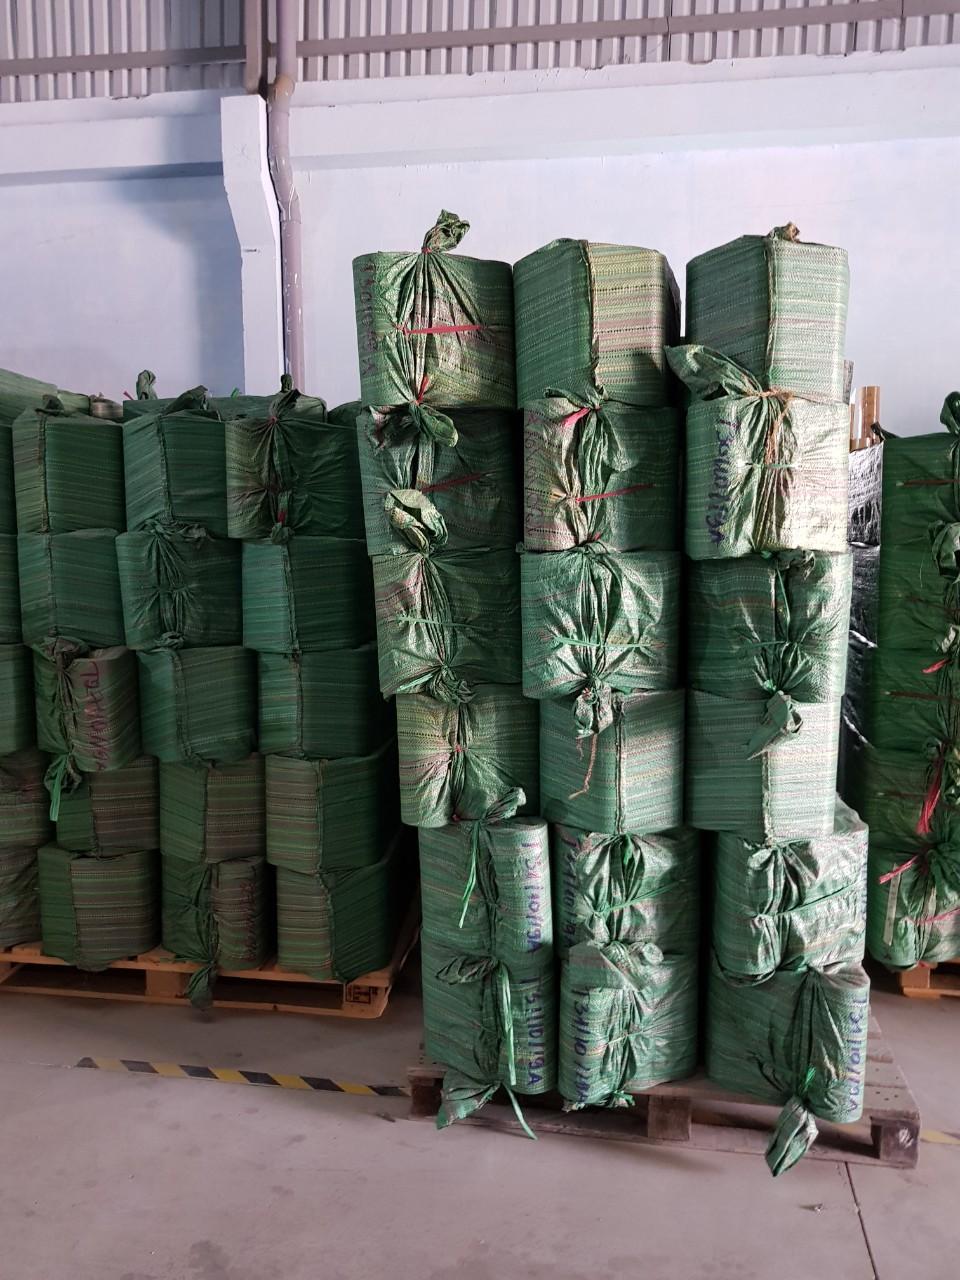 băng keo dán thùng giá khuyến mãi 6800đ/cuộn